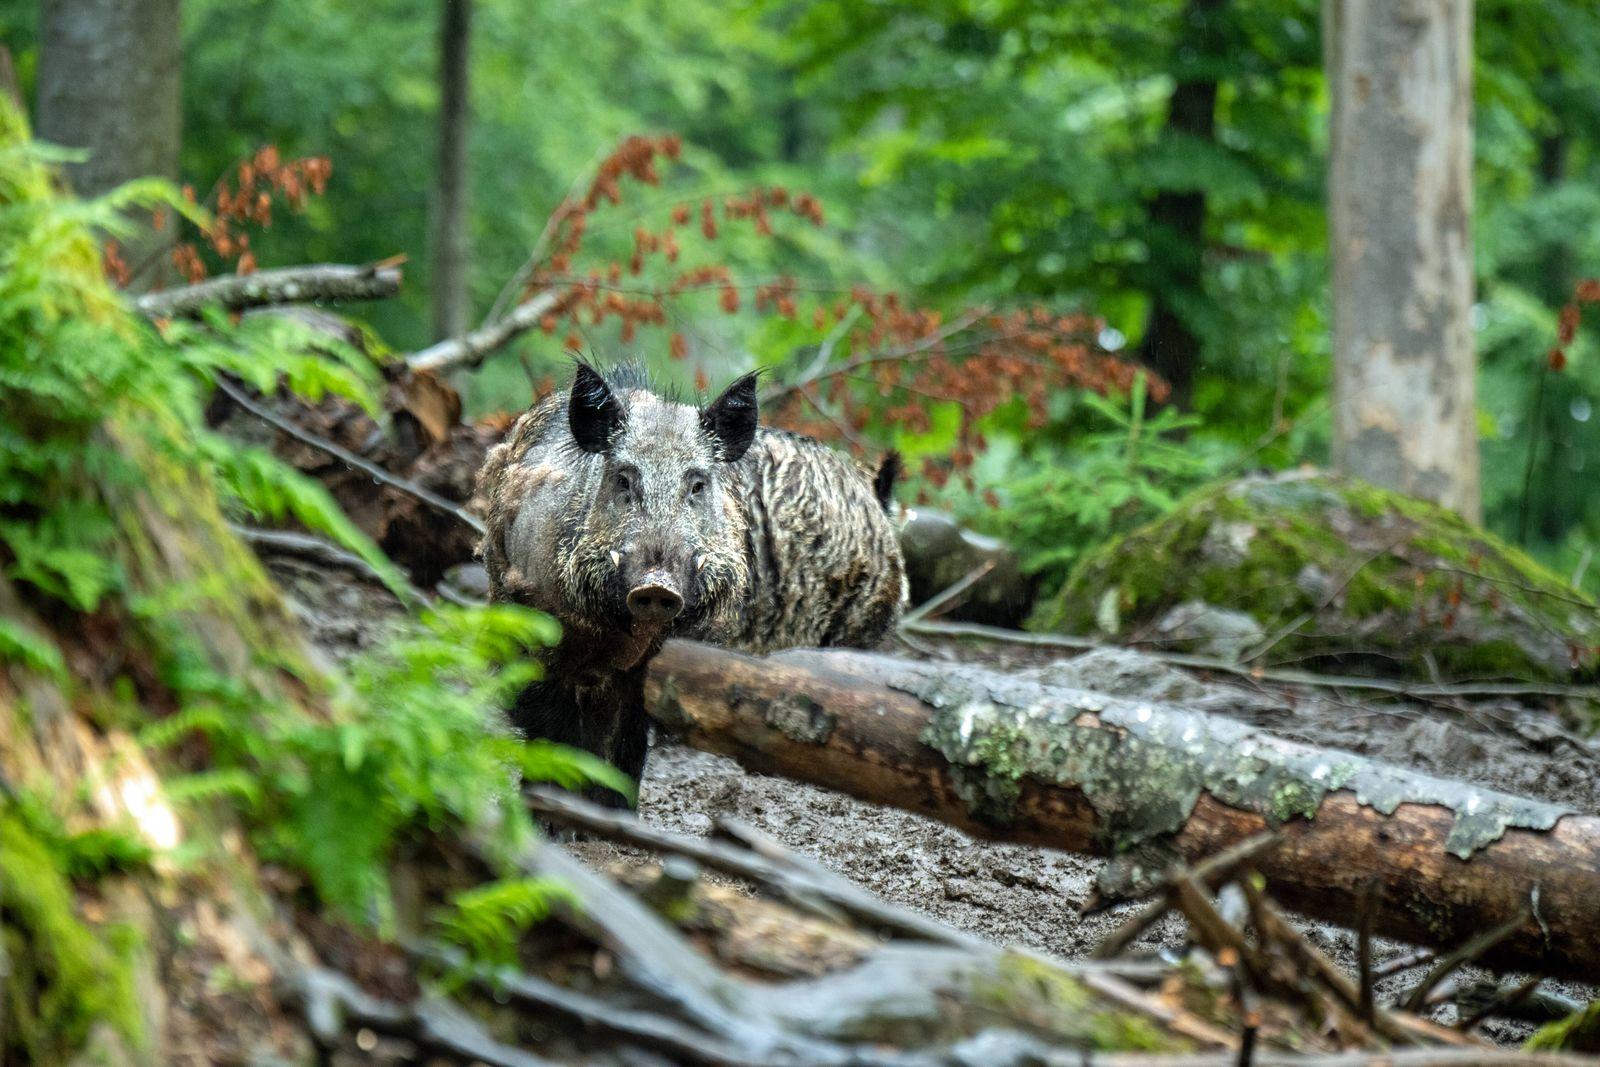 Wildschweine im Juni Jungf¸chse, F¸chse Wildschweine im Mischwald *** Wild boars in June Young foxes, foxes Wild boars i